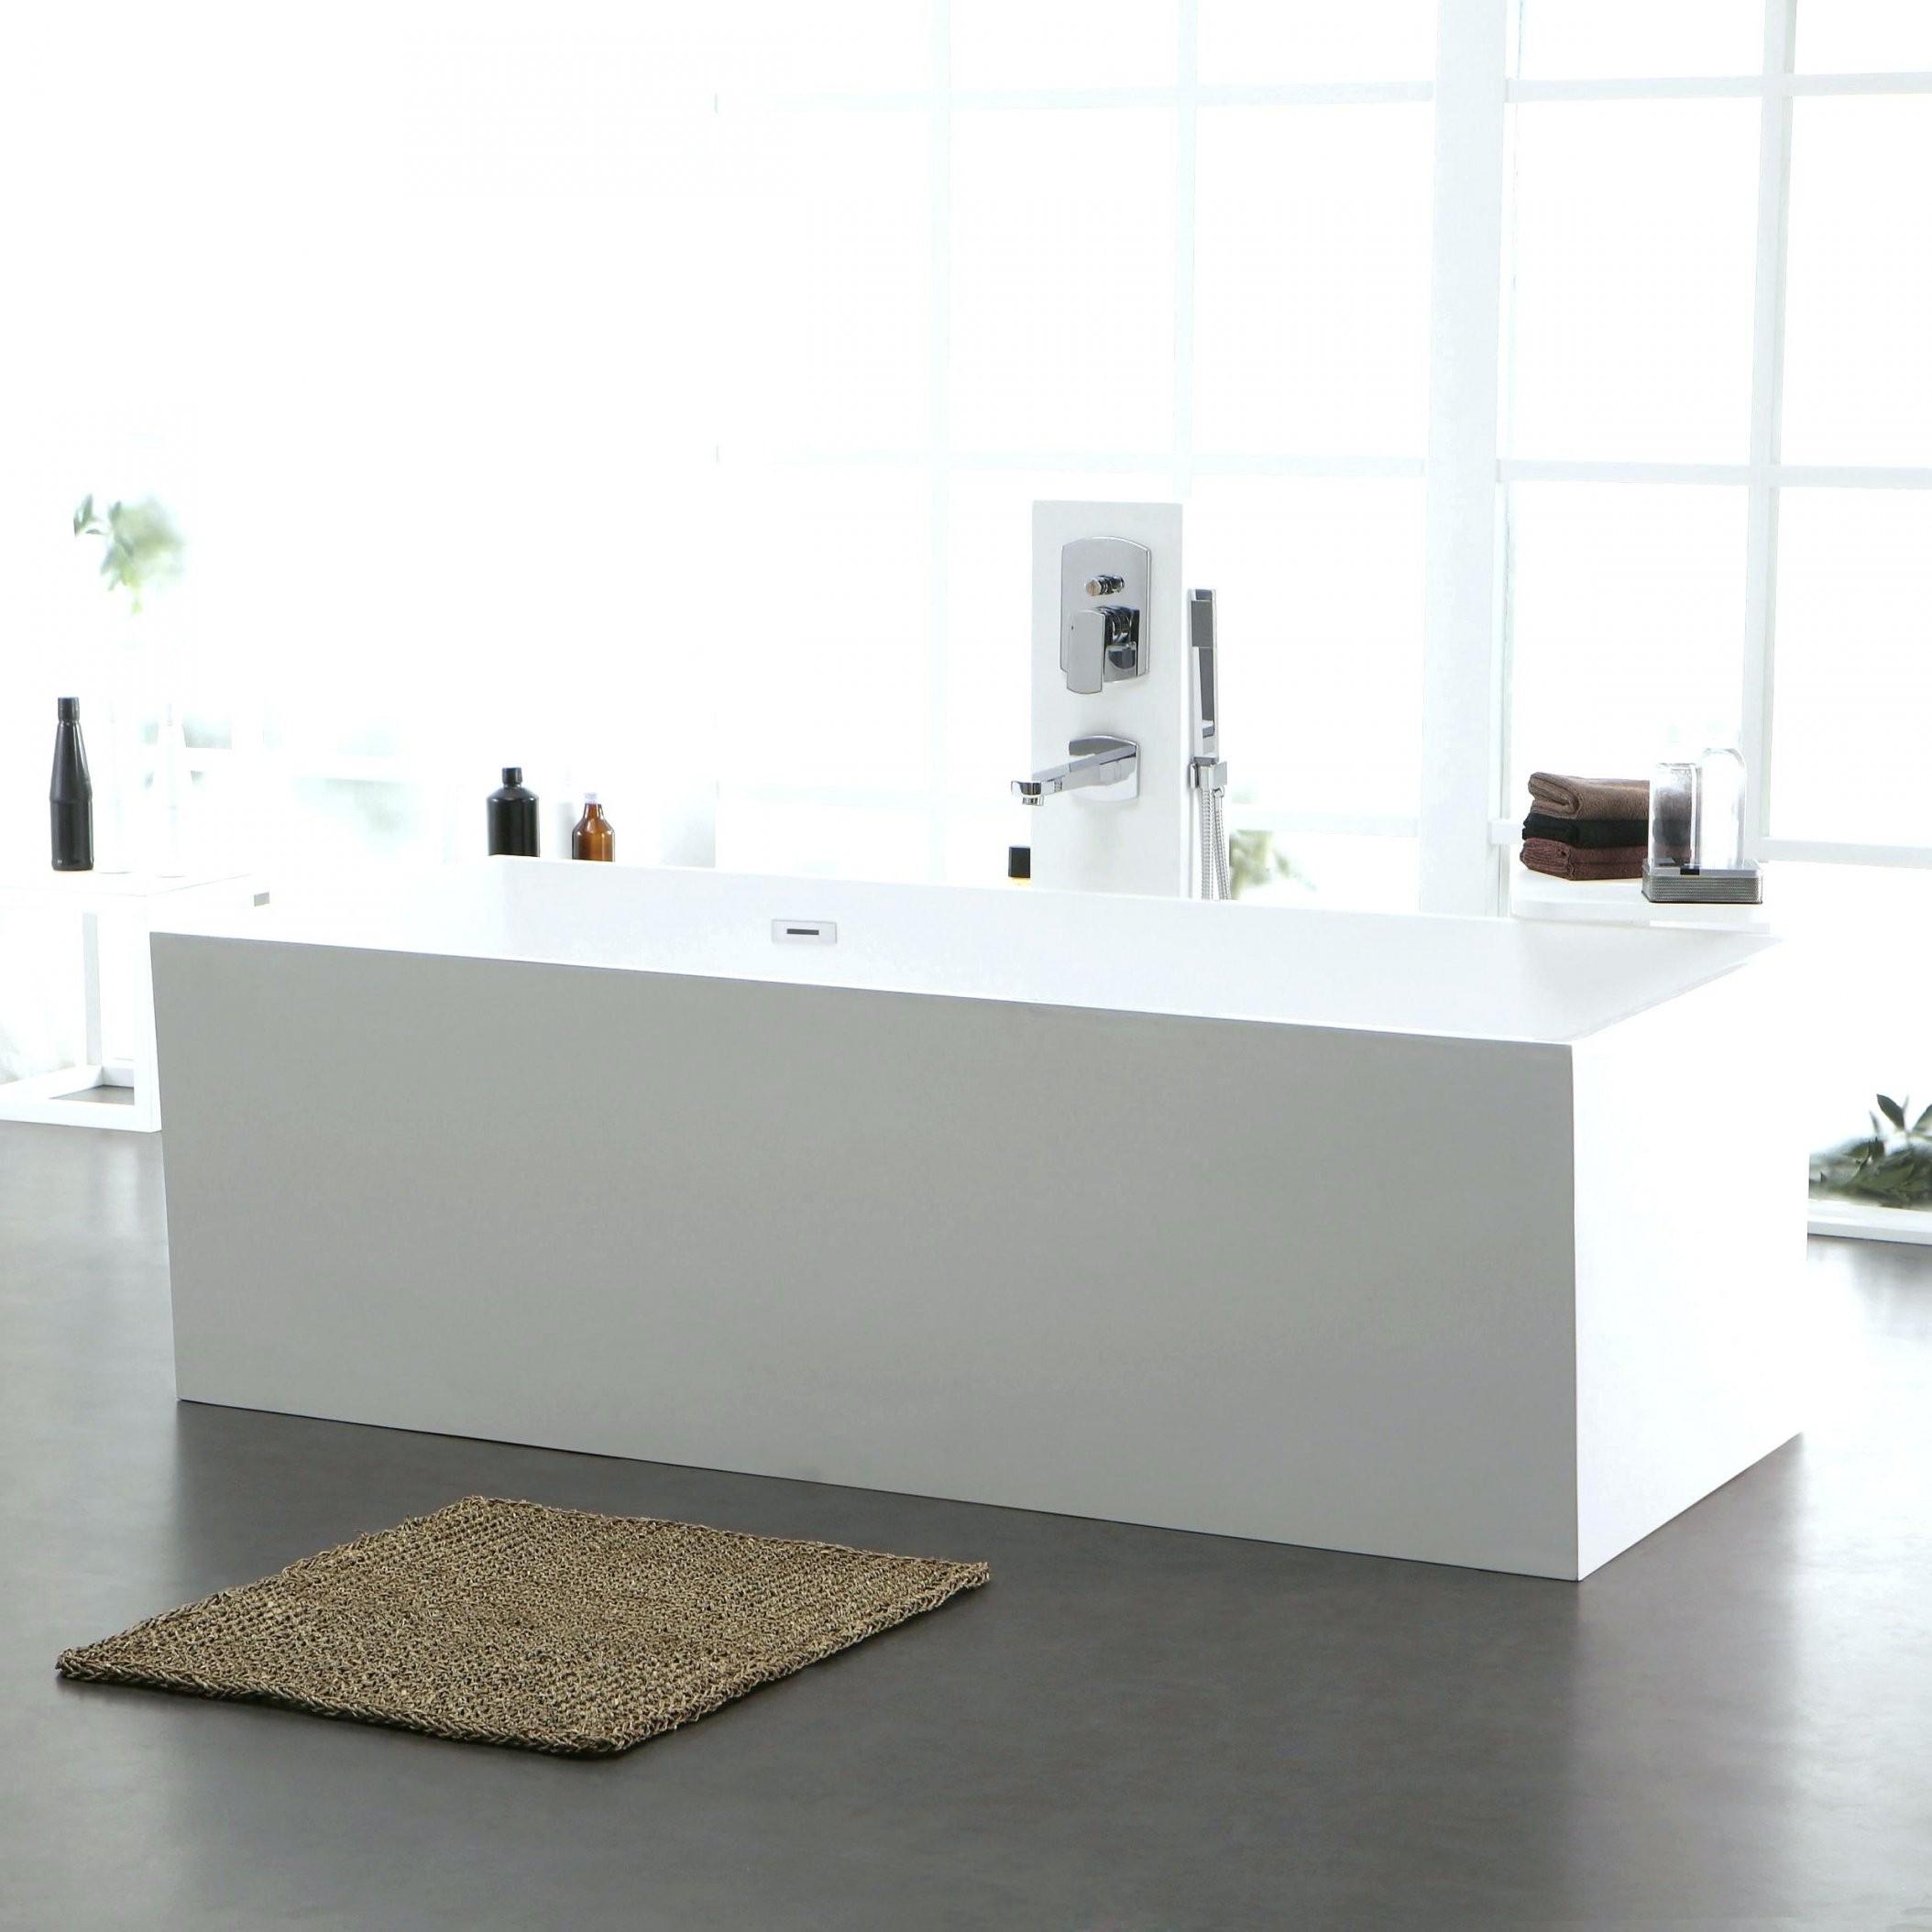 Kleine Freistehende Badewanne Online Kaufen Kleines Bad Gebraucht von Freistehende Badewanne Gebraucht Kaufen Photo